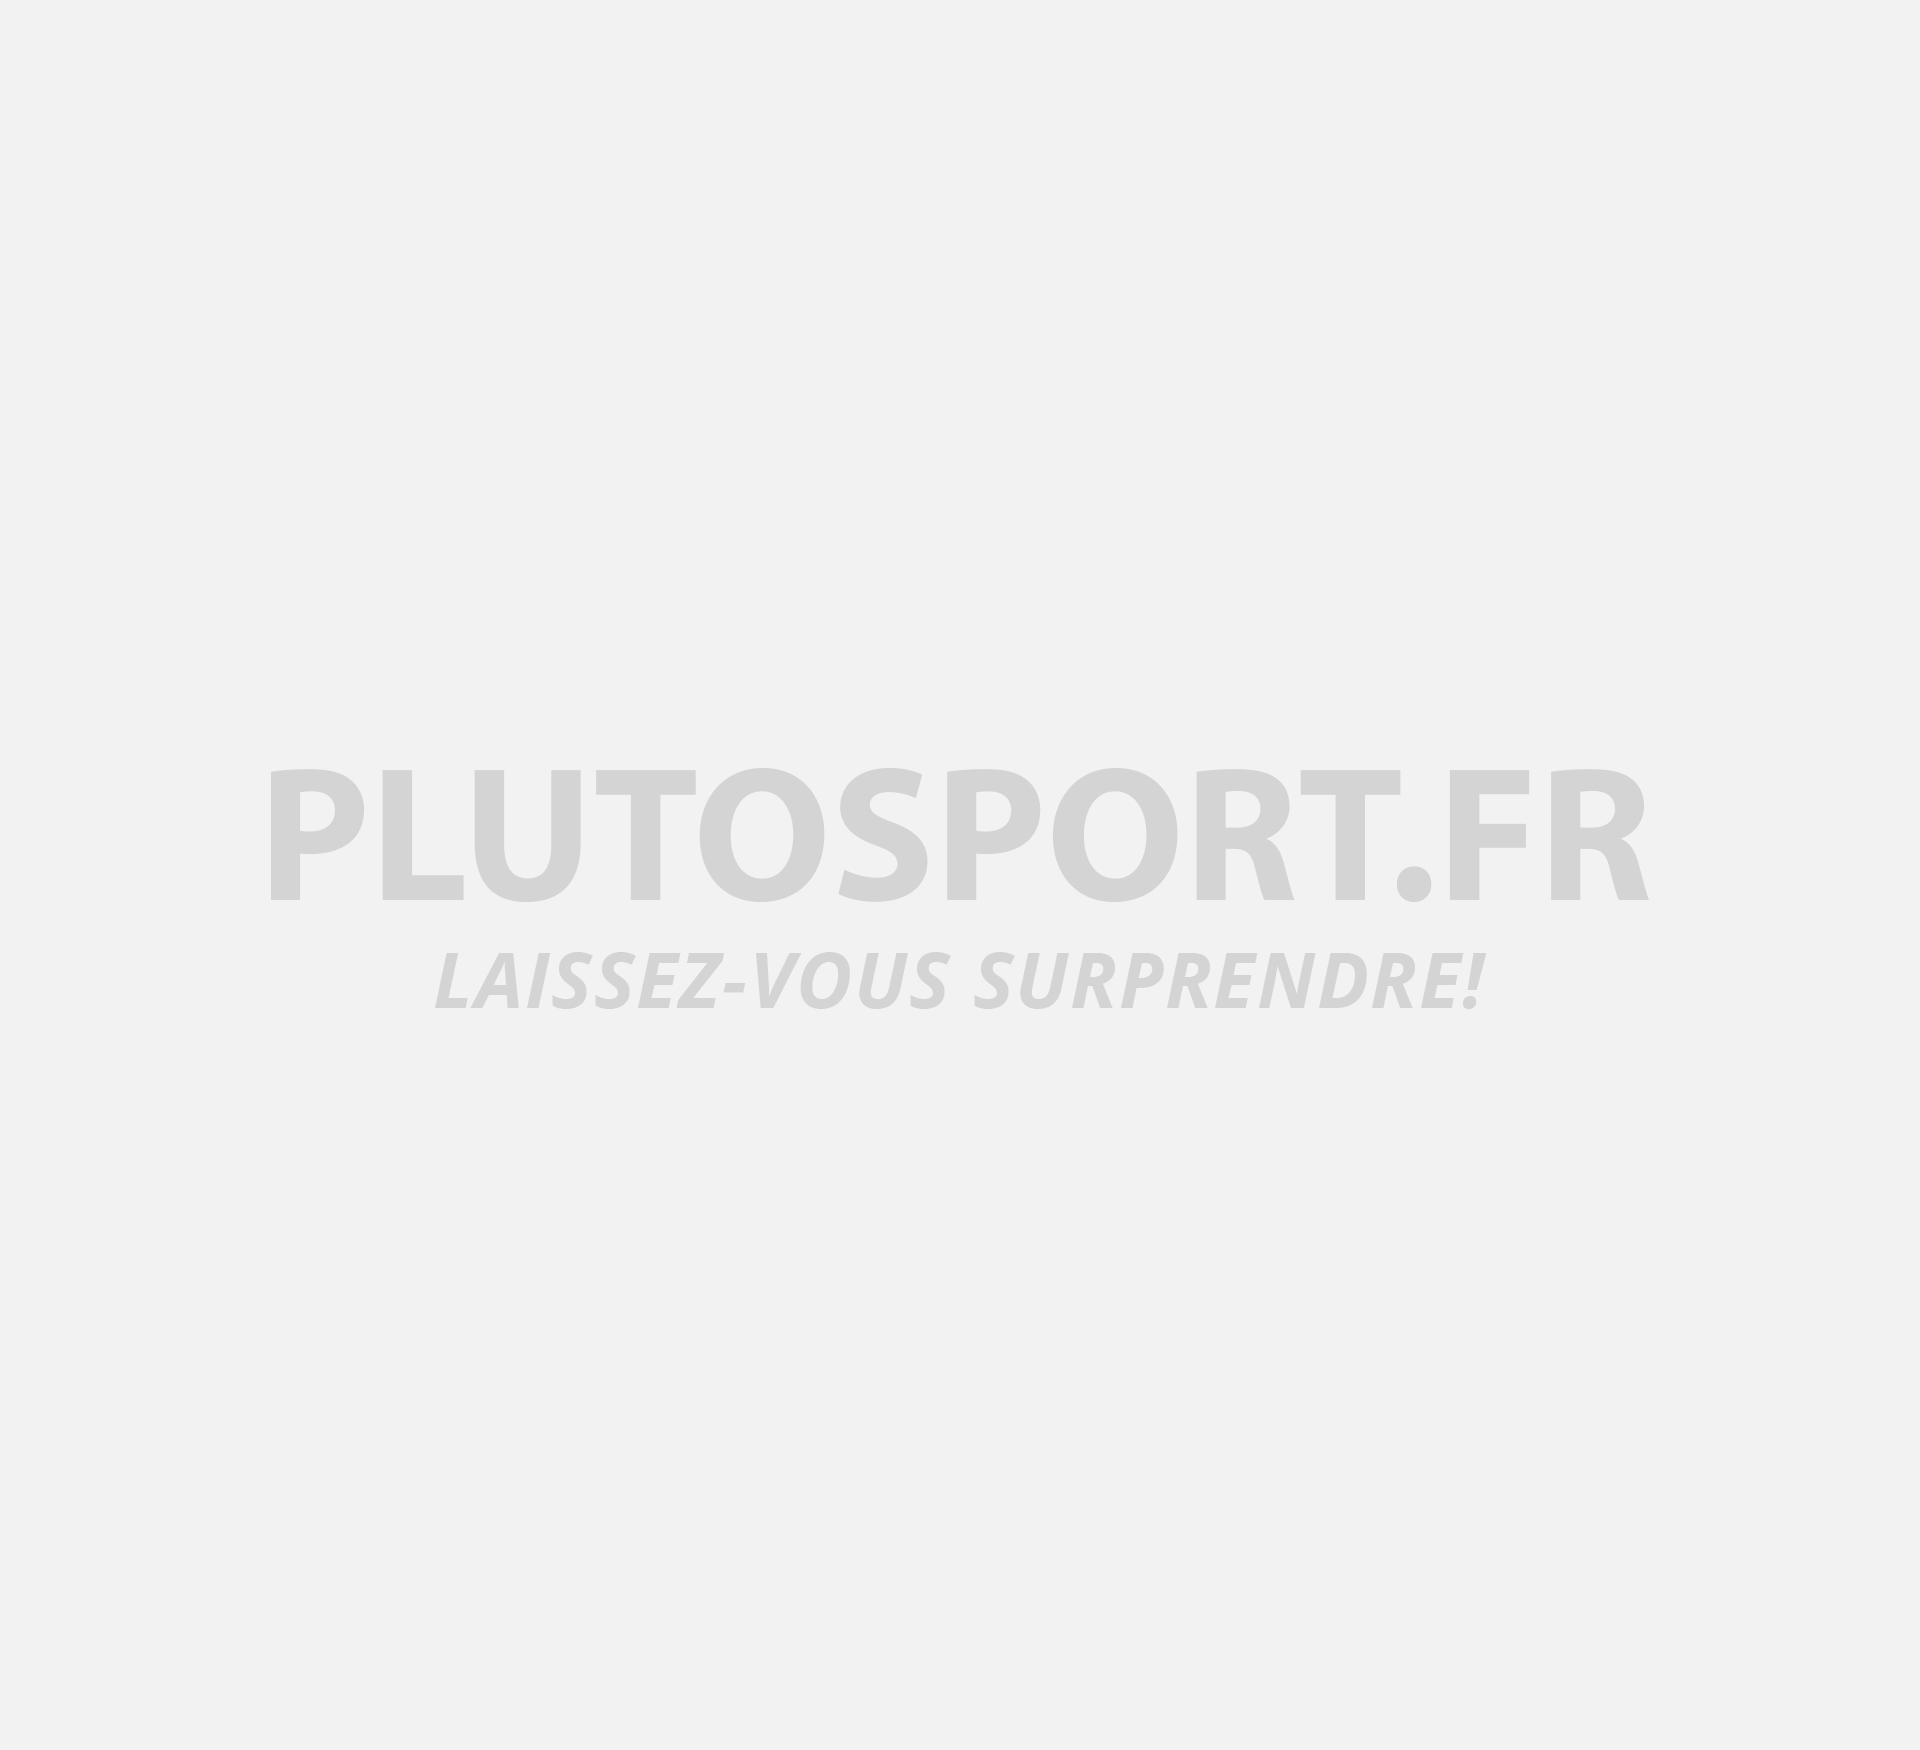 best service 57804 71b58 Adidas Ligra 5, Chaussures de Volley-ball pour femmes